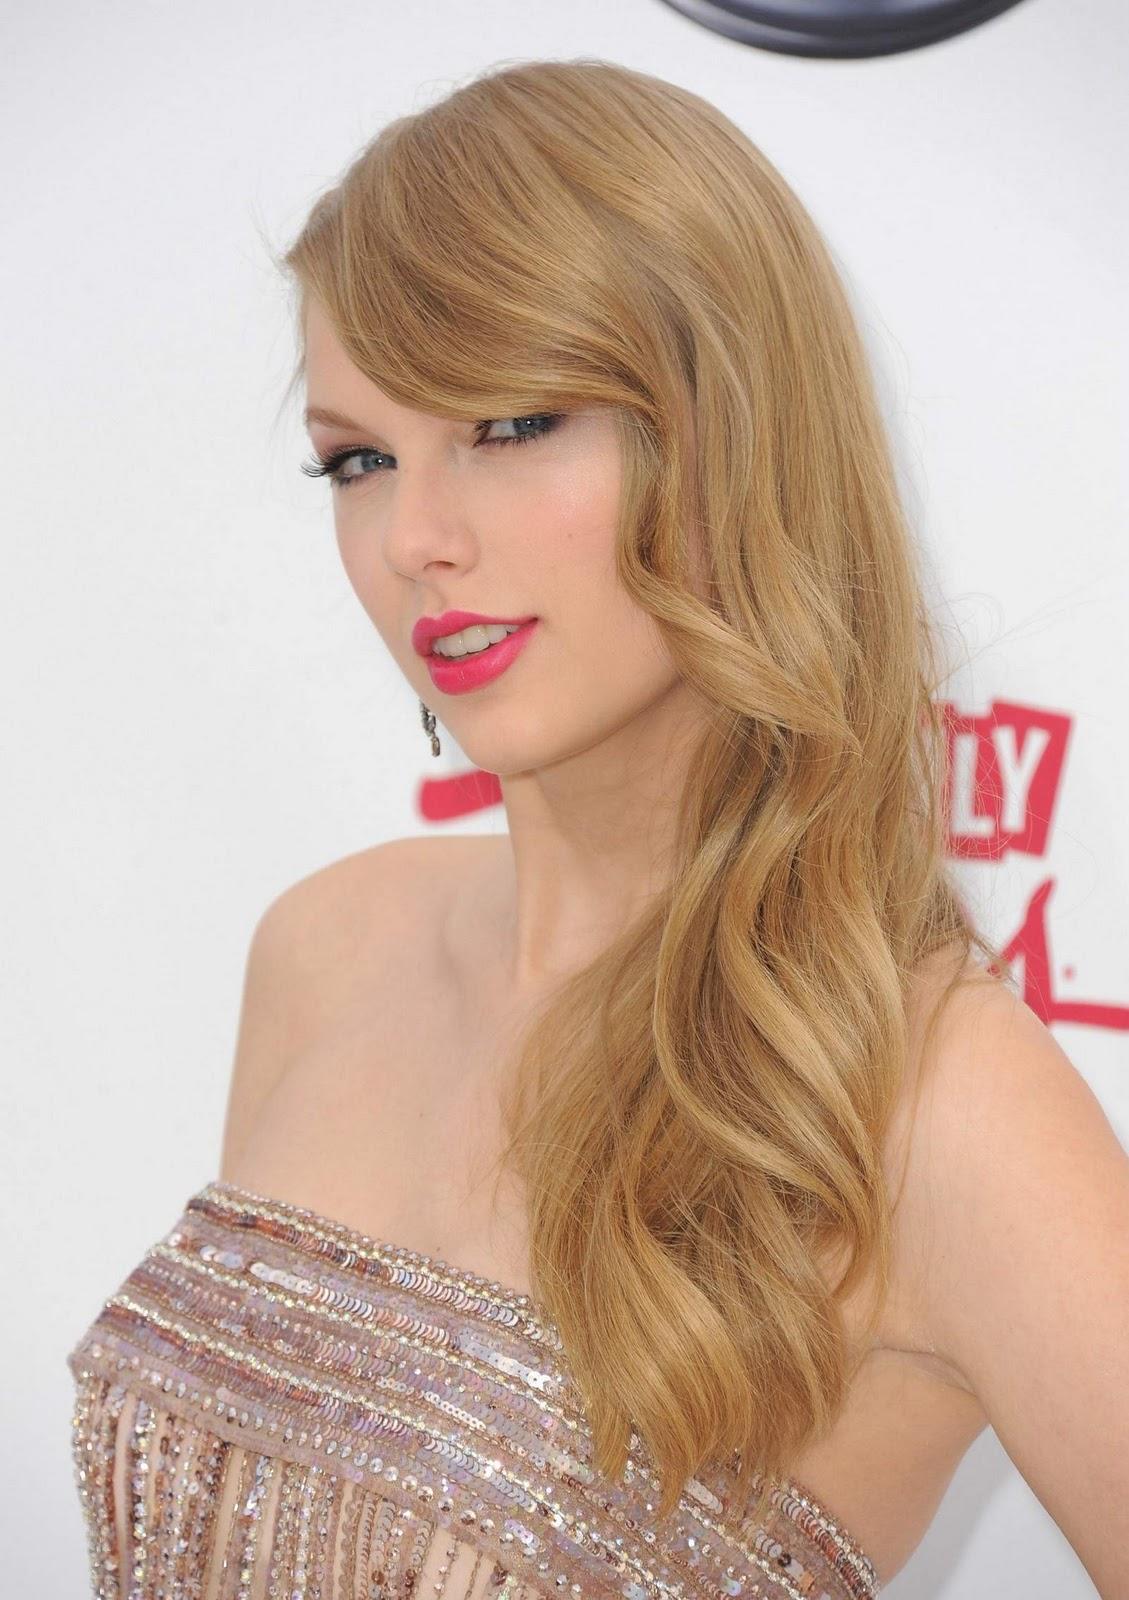 http://1.bp.blogspot.com/-LdOCU2vKAAw/Tp-tawiuPbI/AAAAAAAABPU/XS2WyXjhmjg/s1600/Hot-Taylor-Swift-7.jpg